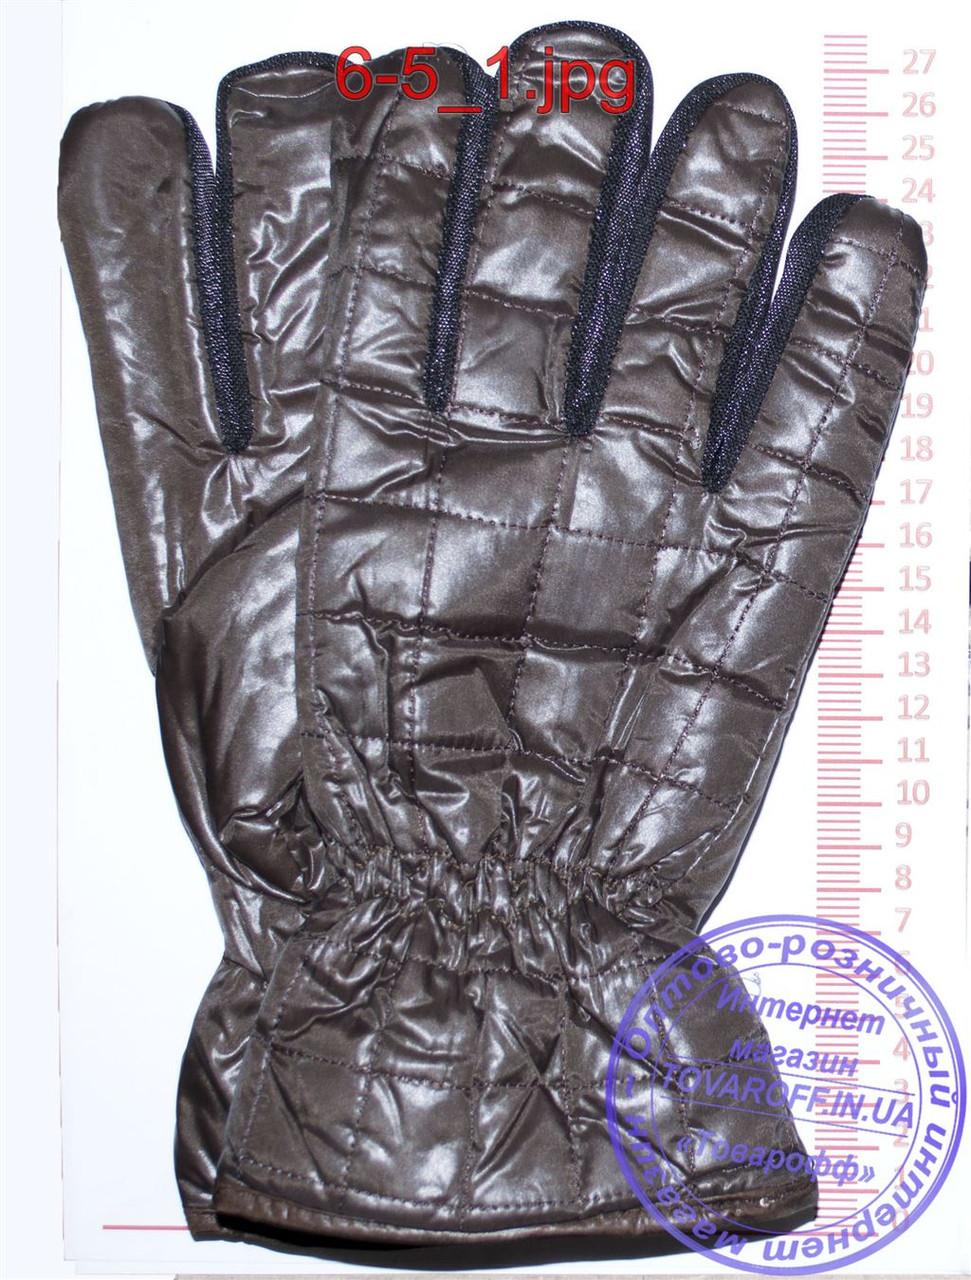 Оптом мужские болоневые перчатки - Черные, серые, коричневые - №6-4